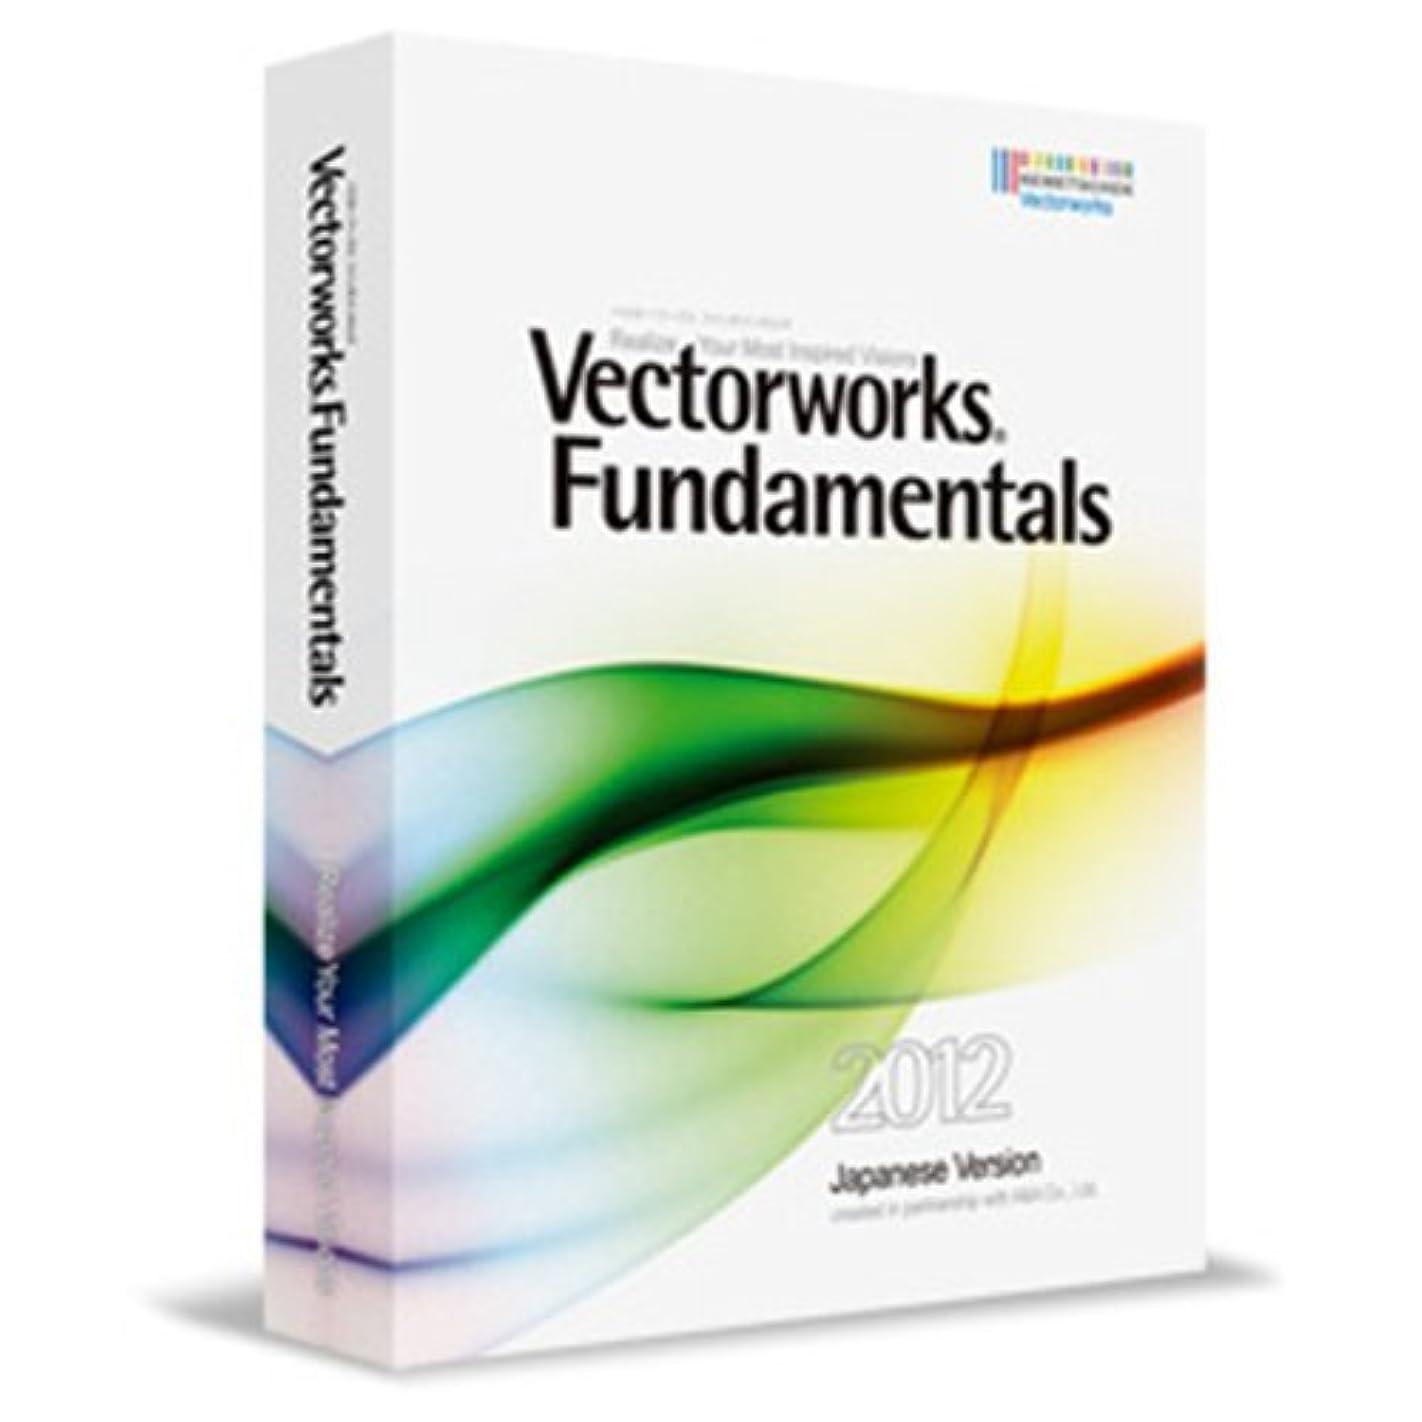 テーマ組み込む気難しいVectorworks Fundamentals 2012 スタンドアロン版 基本パッケージ